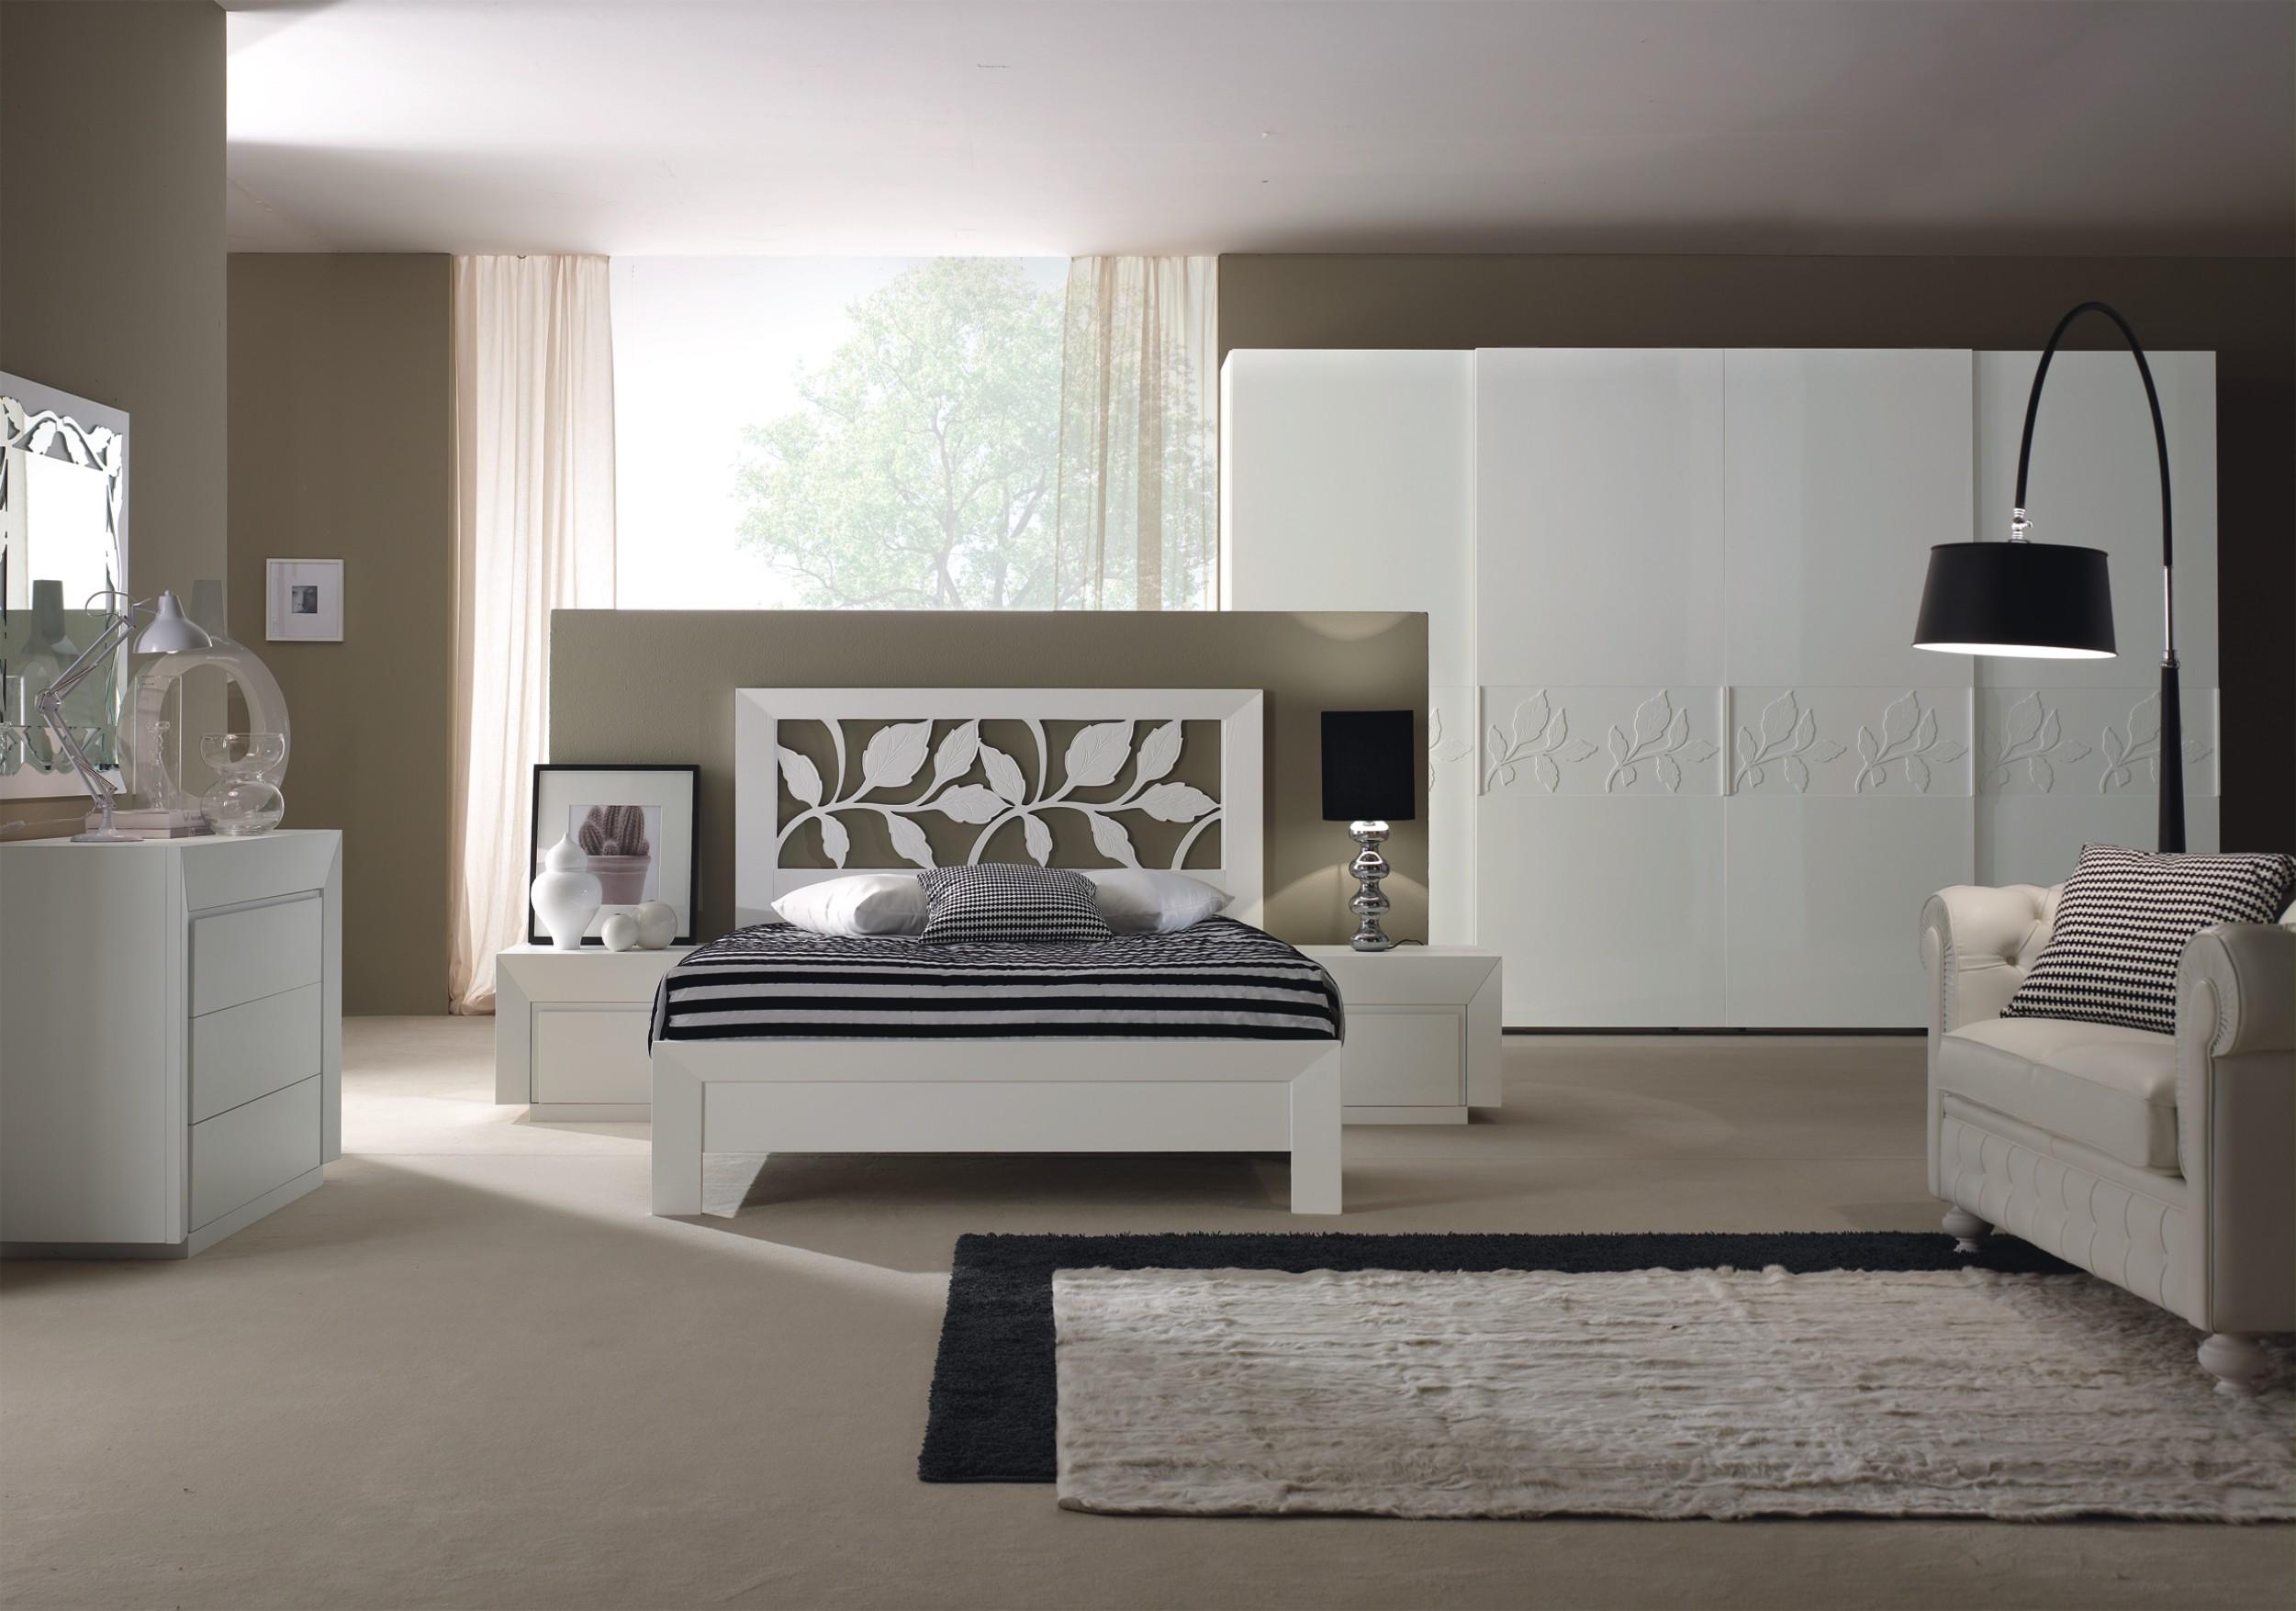 Guarise mobili e contract hotel casa italia for Mobili italy